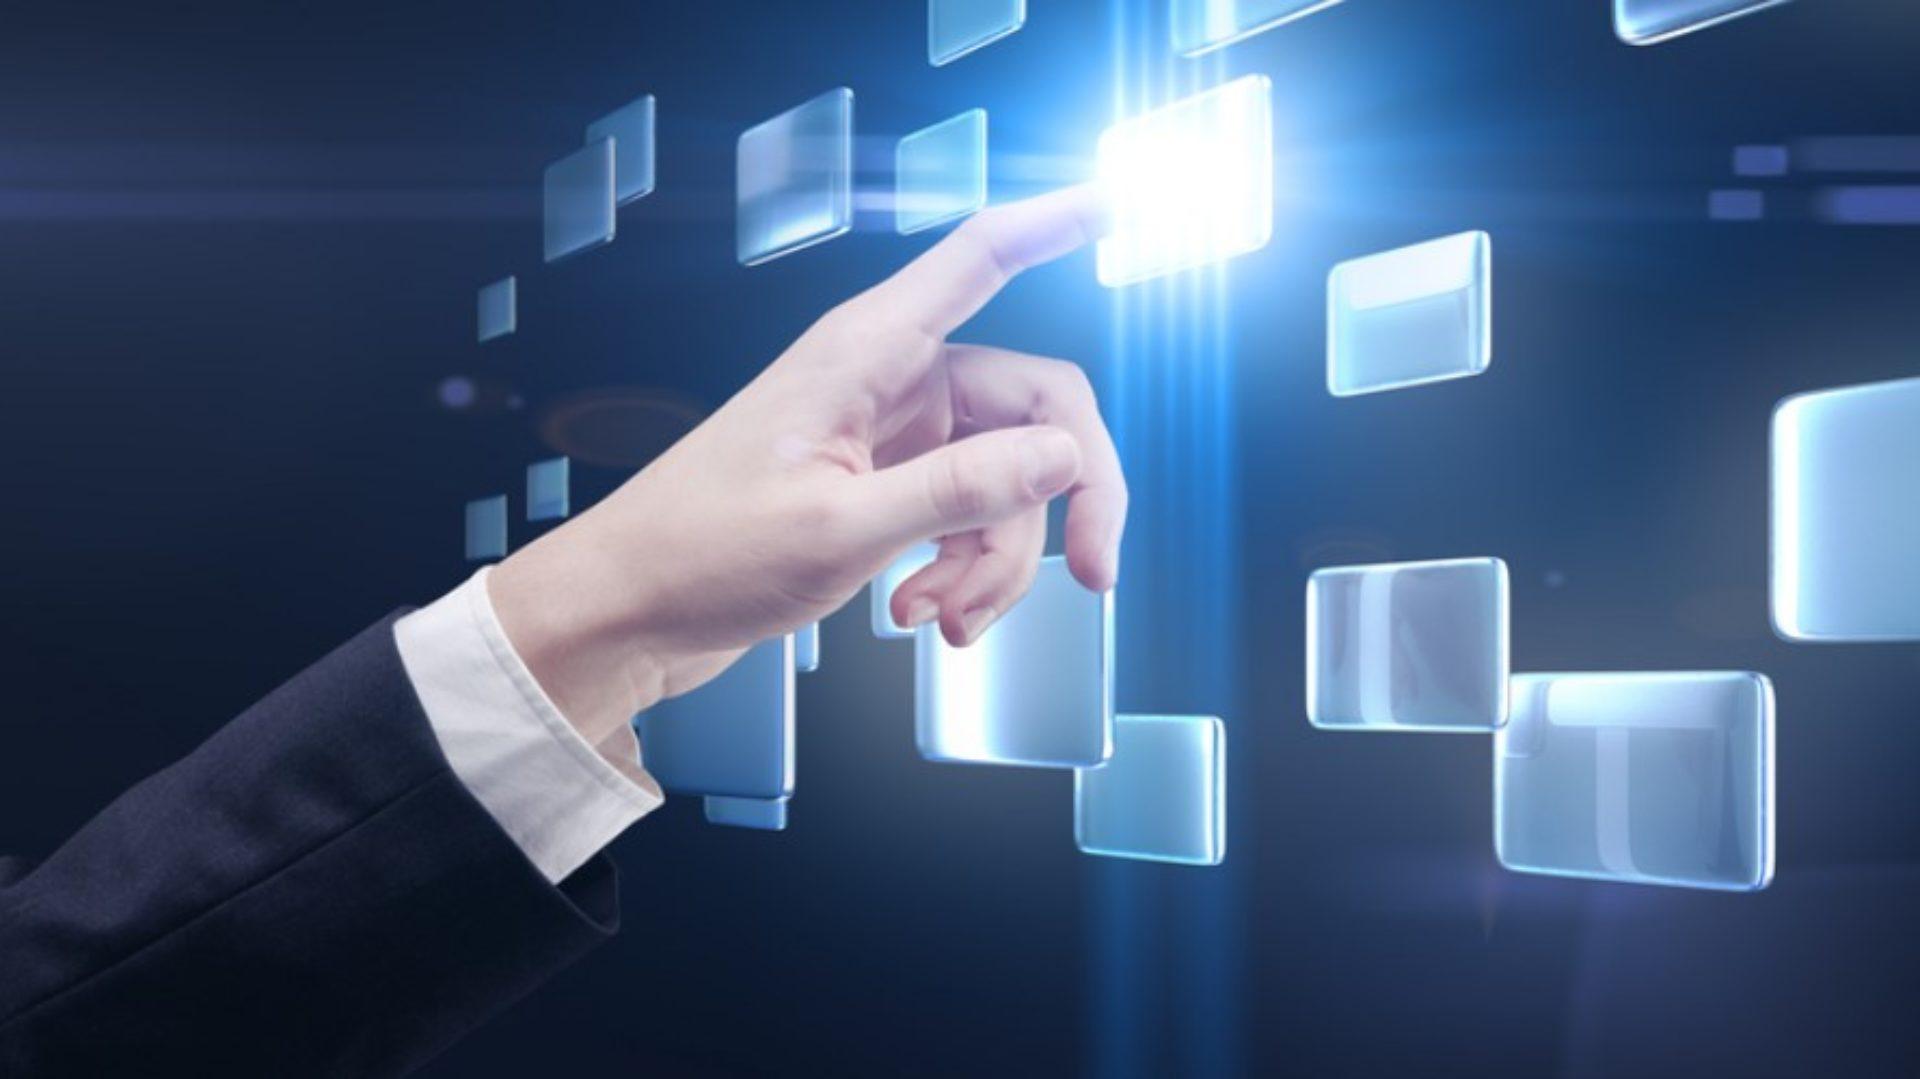 Firmen umwandeln durch Umwandlungsgesetz, Insolvenzabwehr, Gläubigermanagement